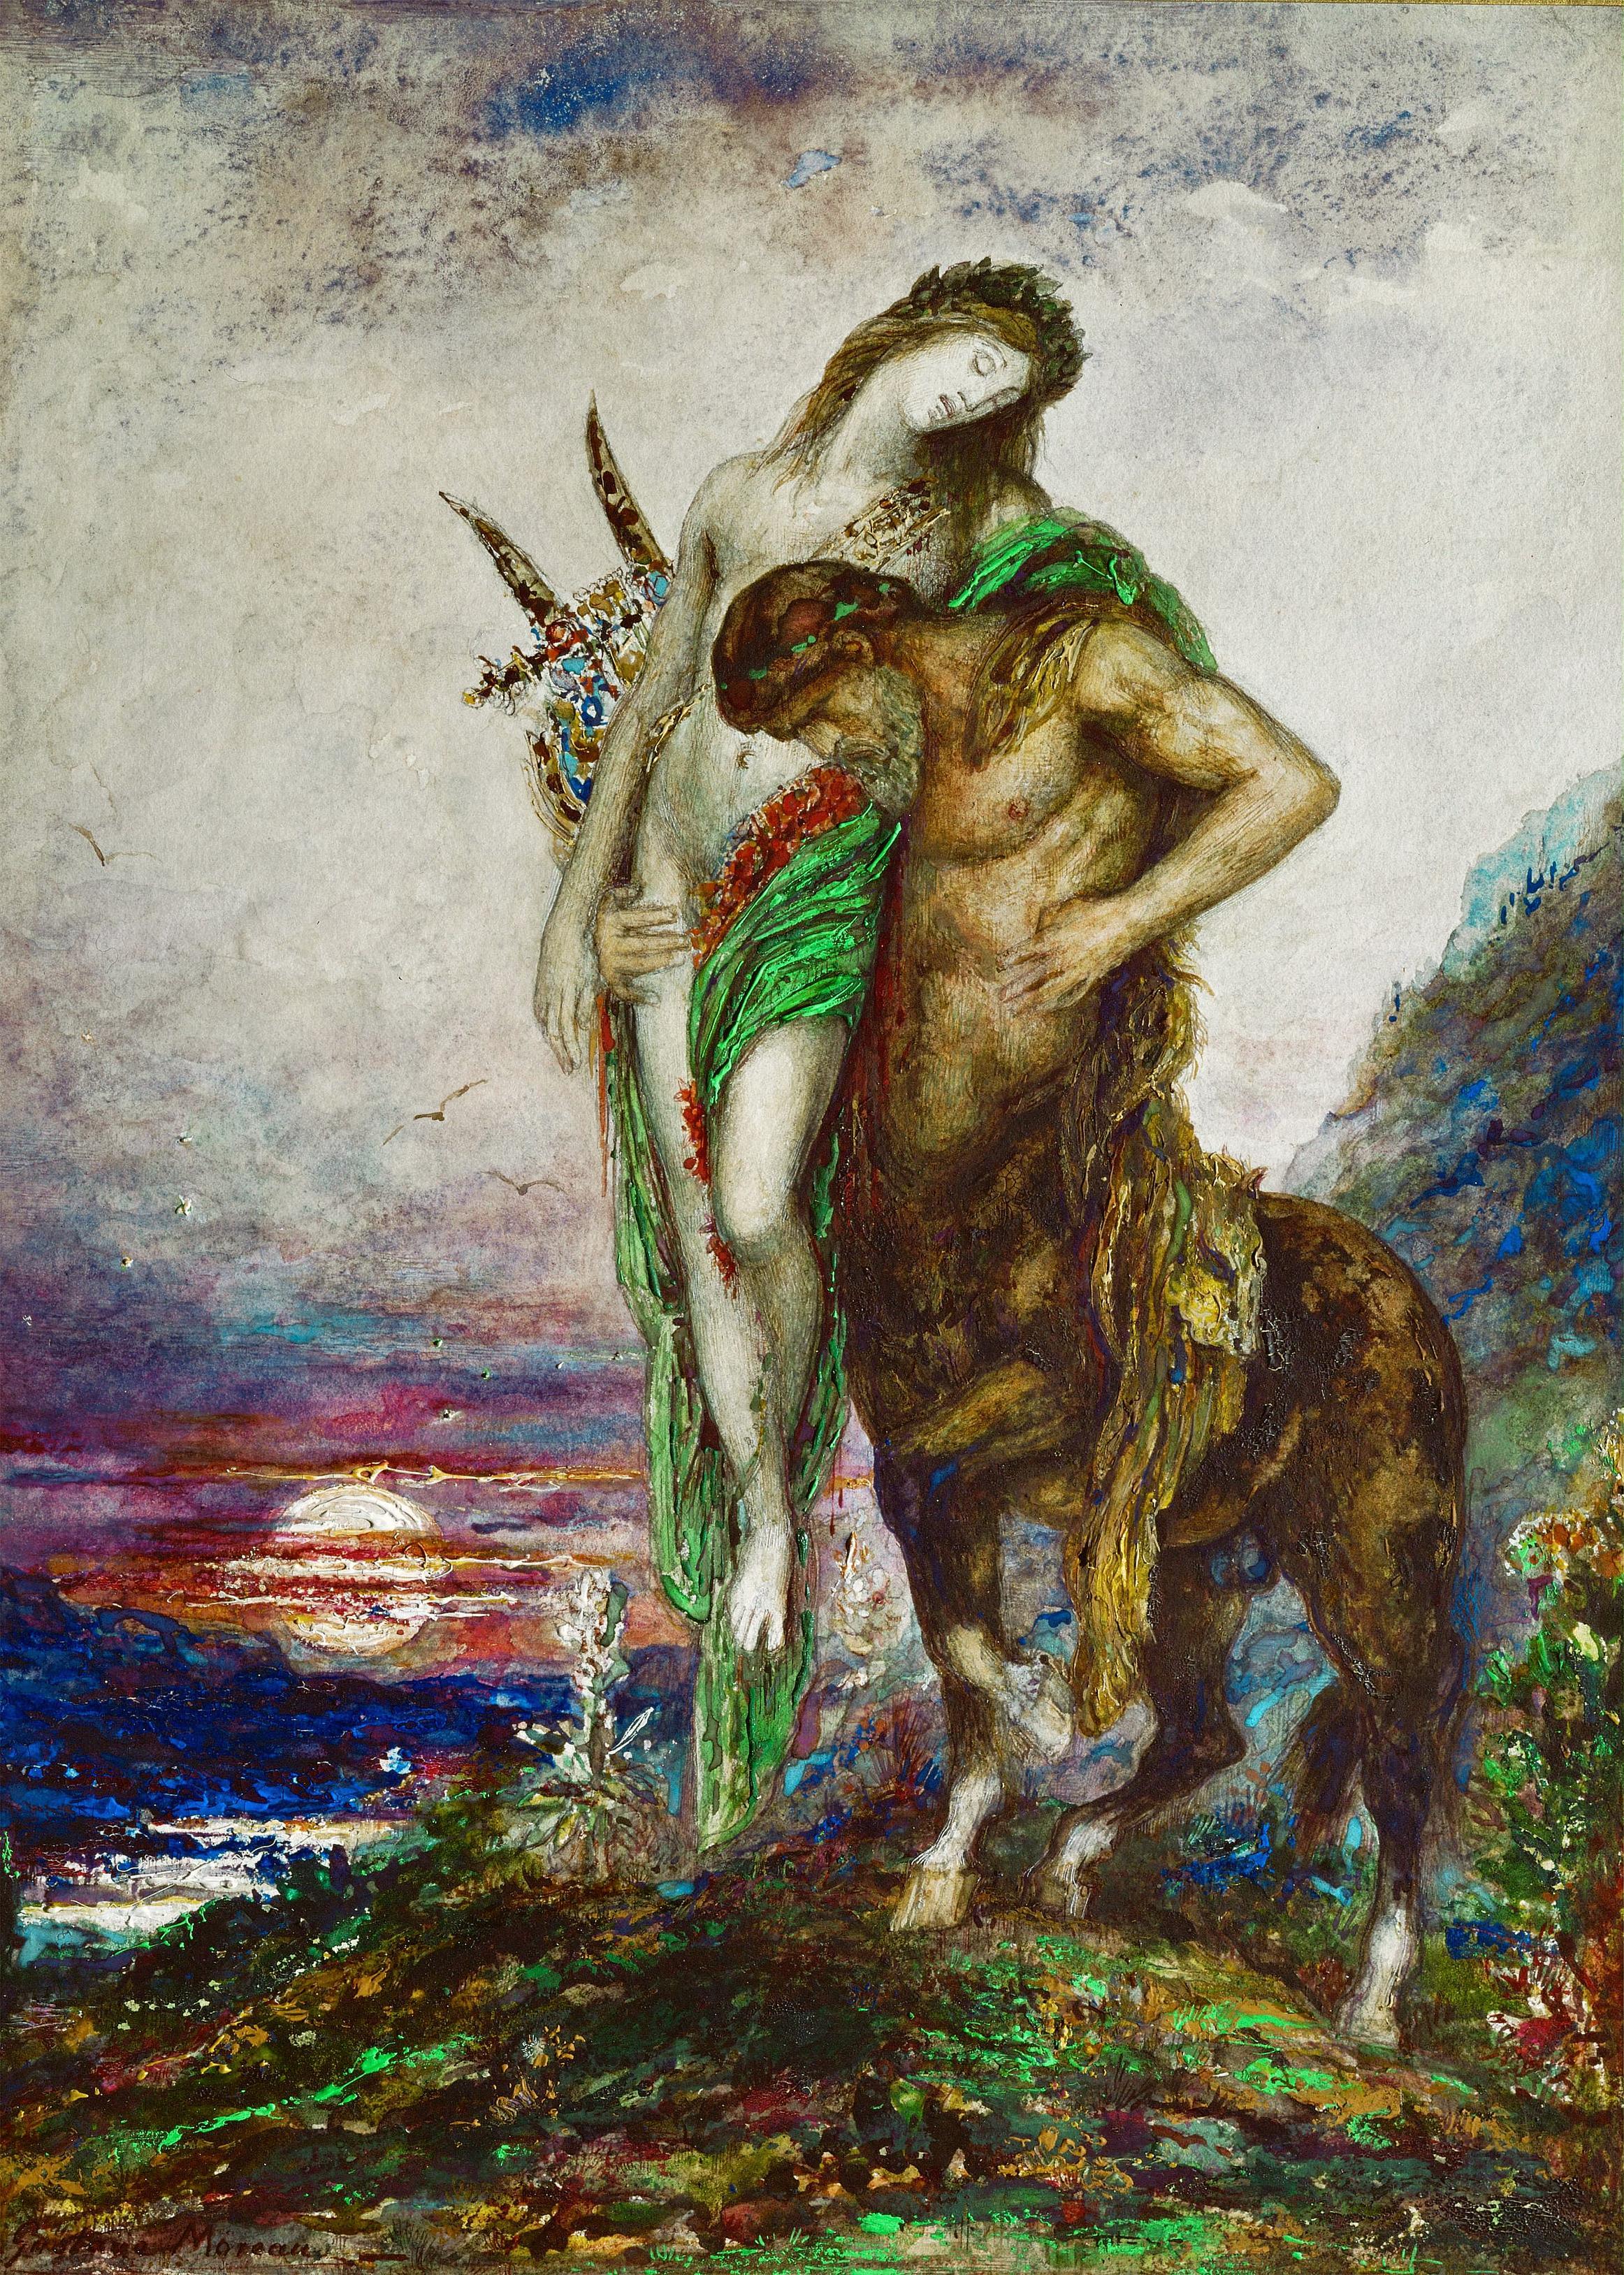 1870_Кентавр, несущий мертвого поэта (акварель, гуашь и карандаш) (Париж, музей Гюстава Моро)